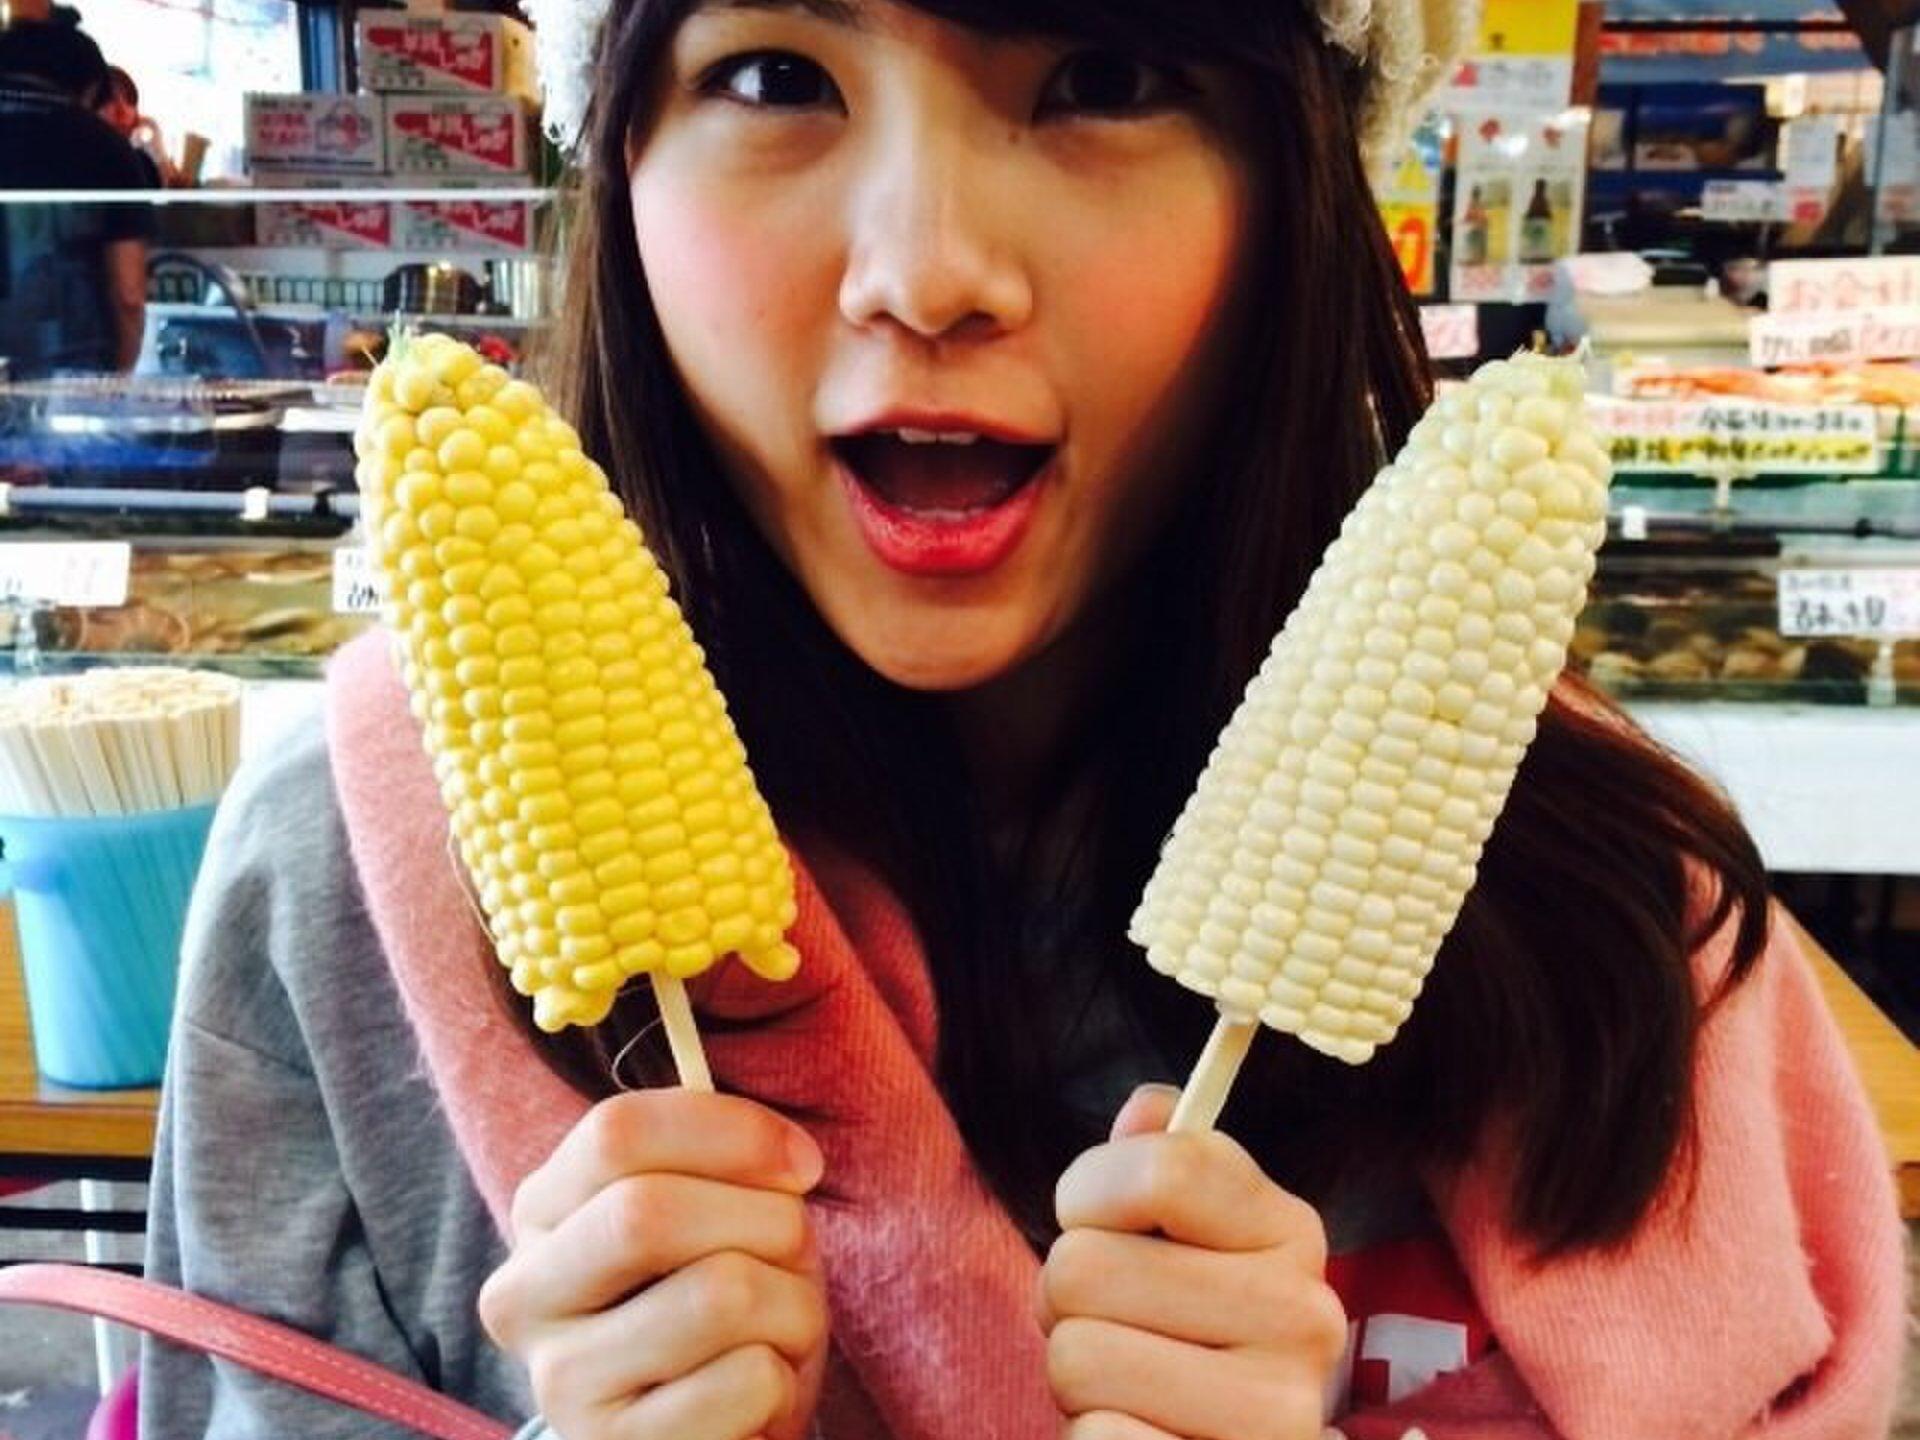 【春の北海道を満喫するならコレ!】屋外で手軽に食べられる!北海道食べ歩きグルメ特集!